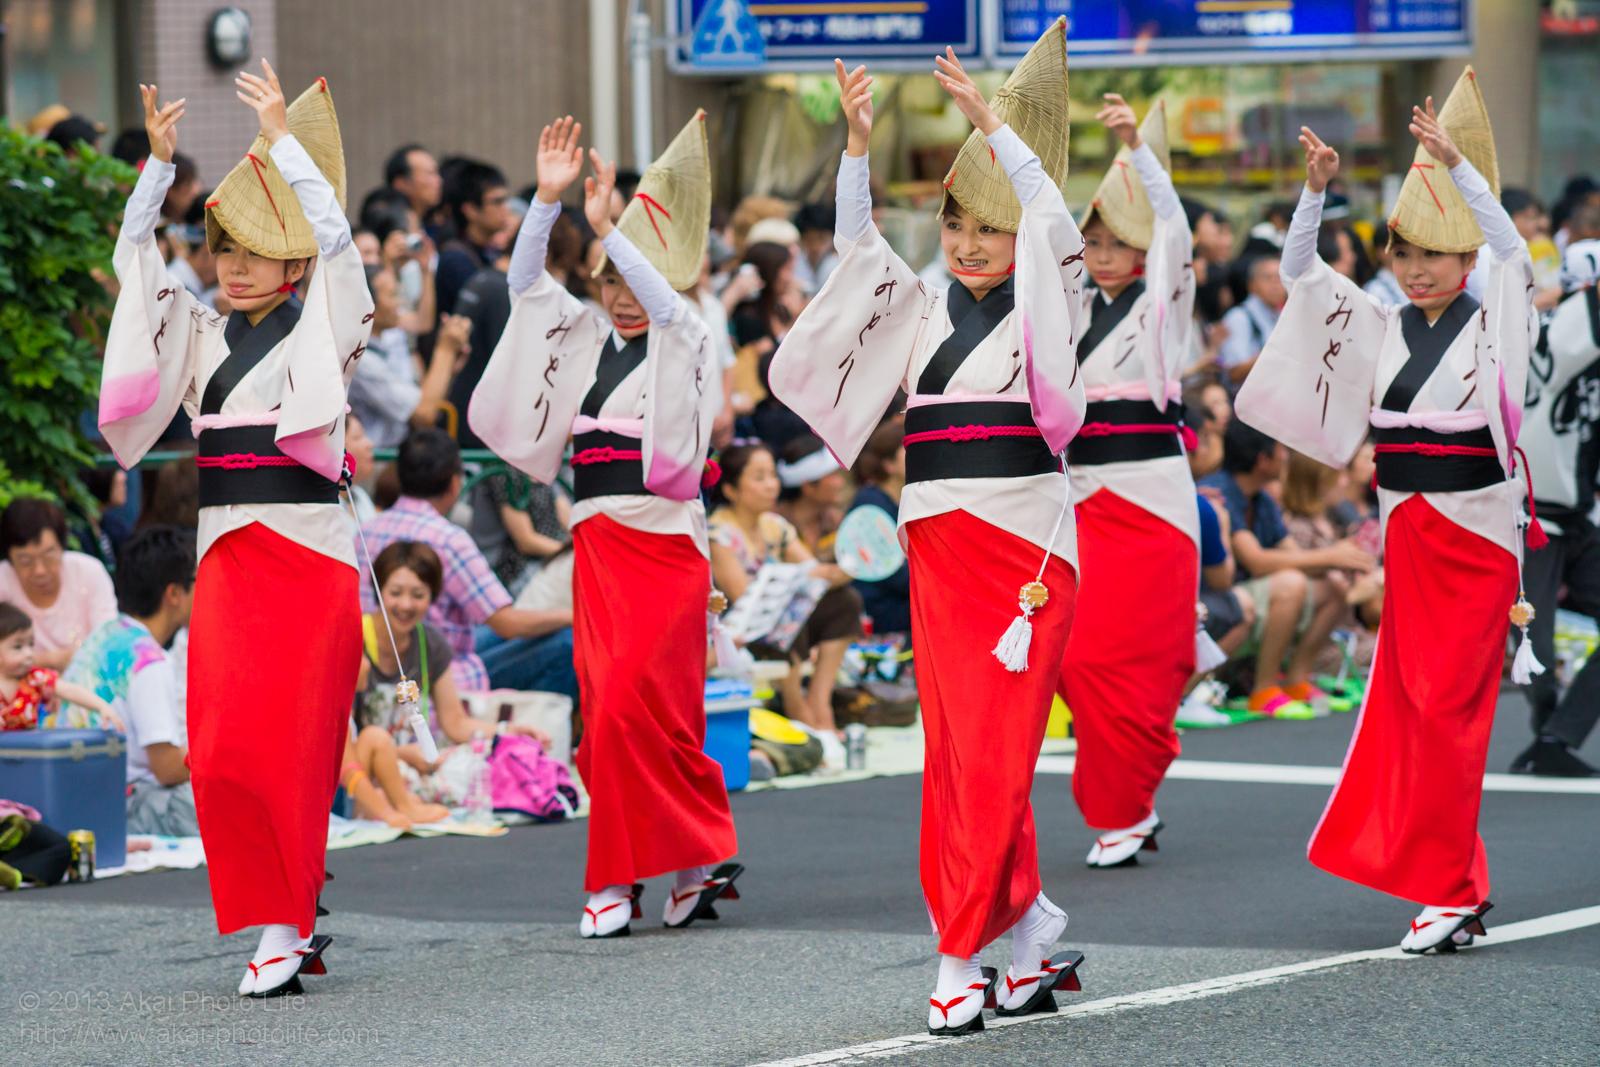 高円寺阿波踊り 美踊連の女踊り